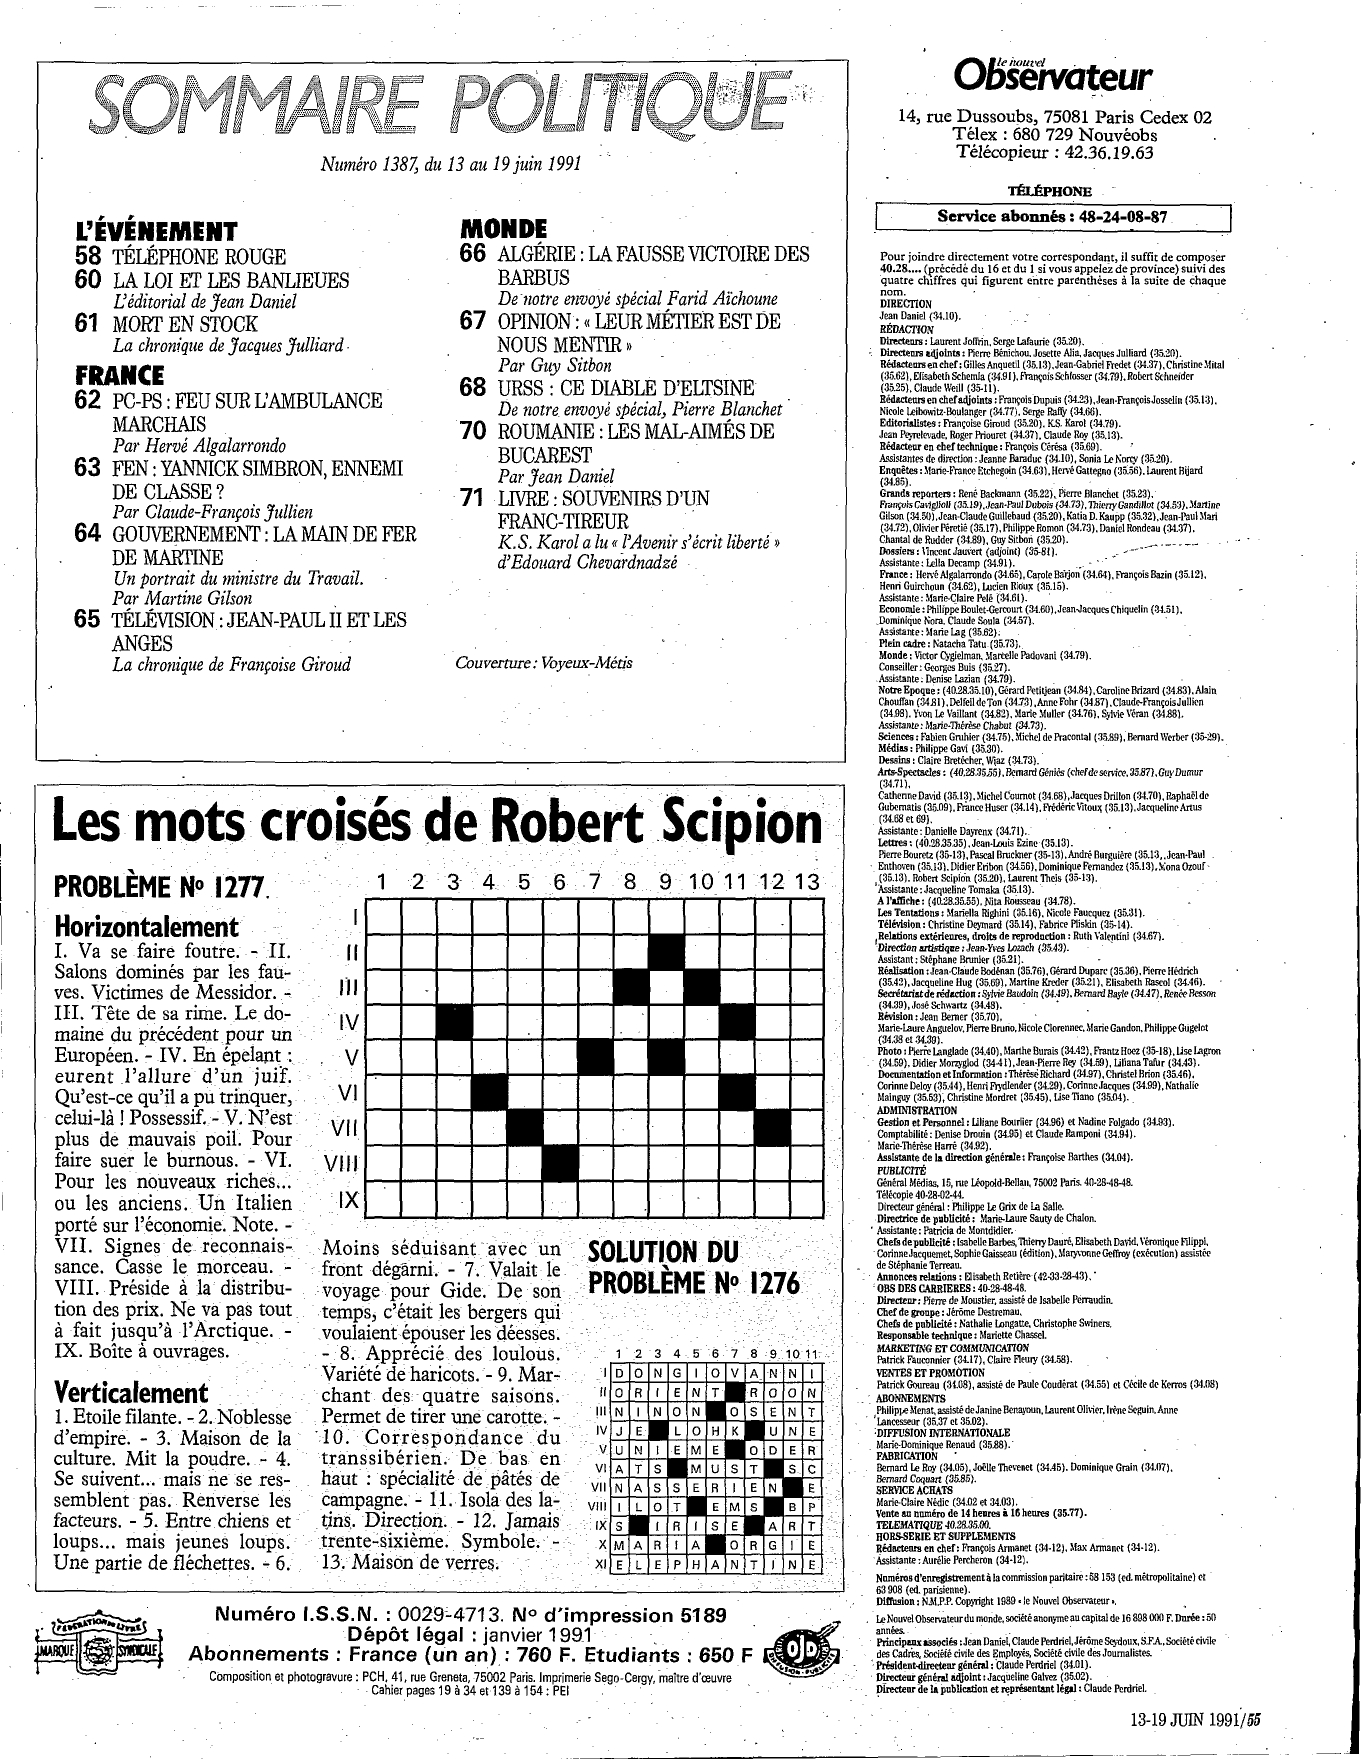 Les Mots Croisés De Robert Scipion pour Mots Croises En Ligne